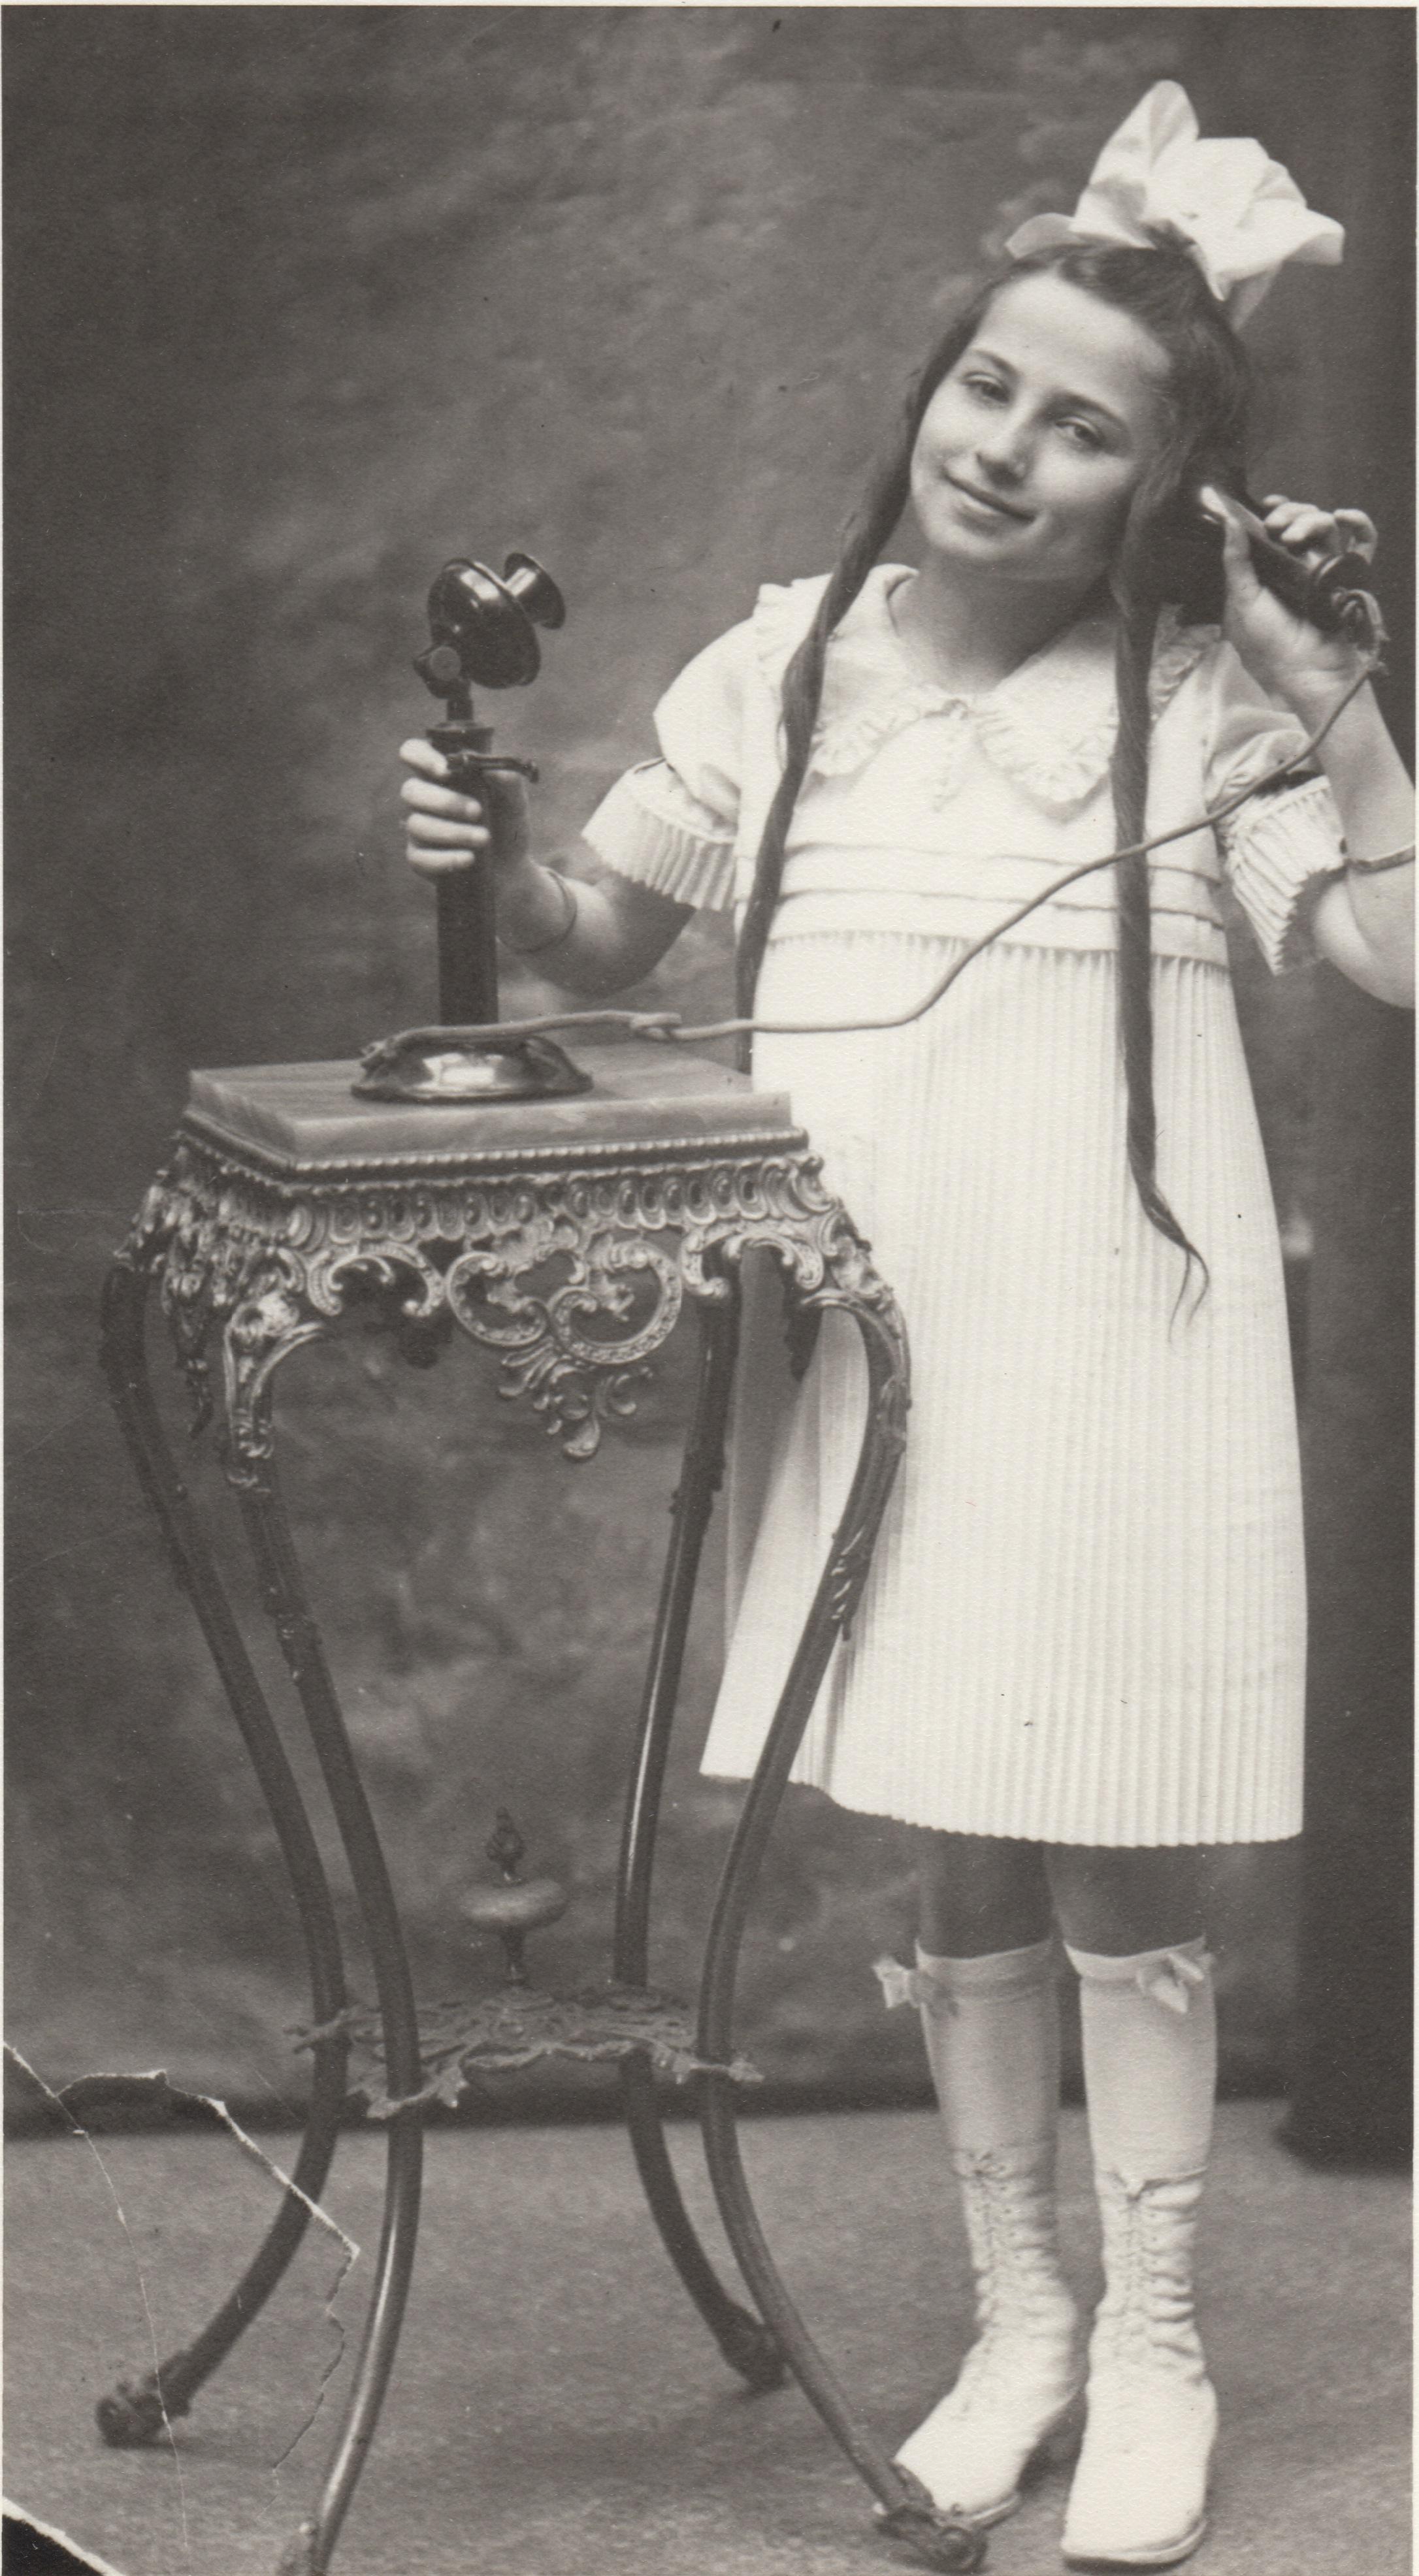 PaulinePiwkoRosen